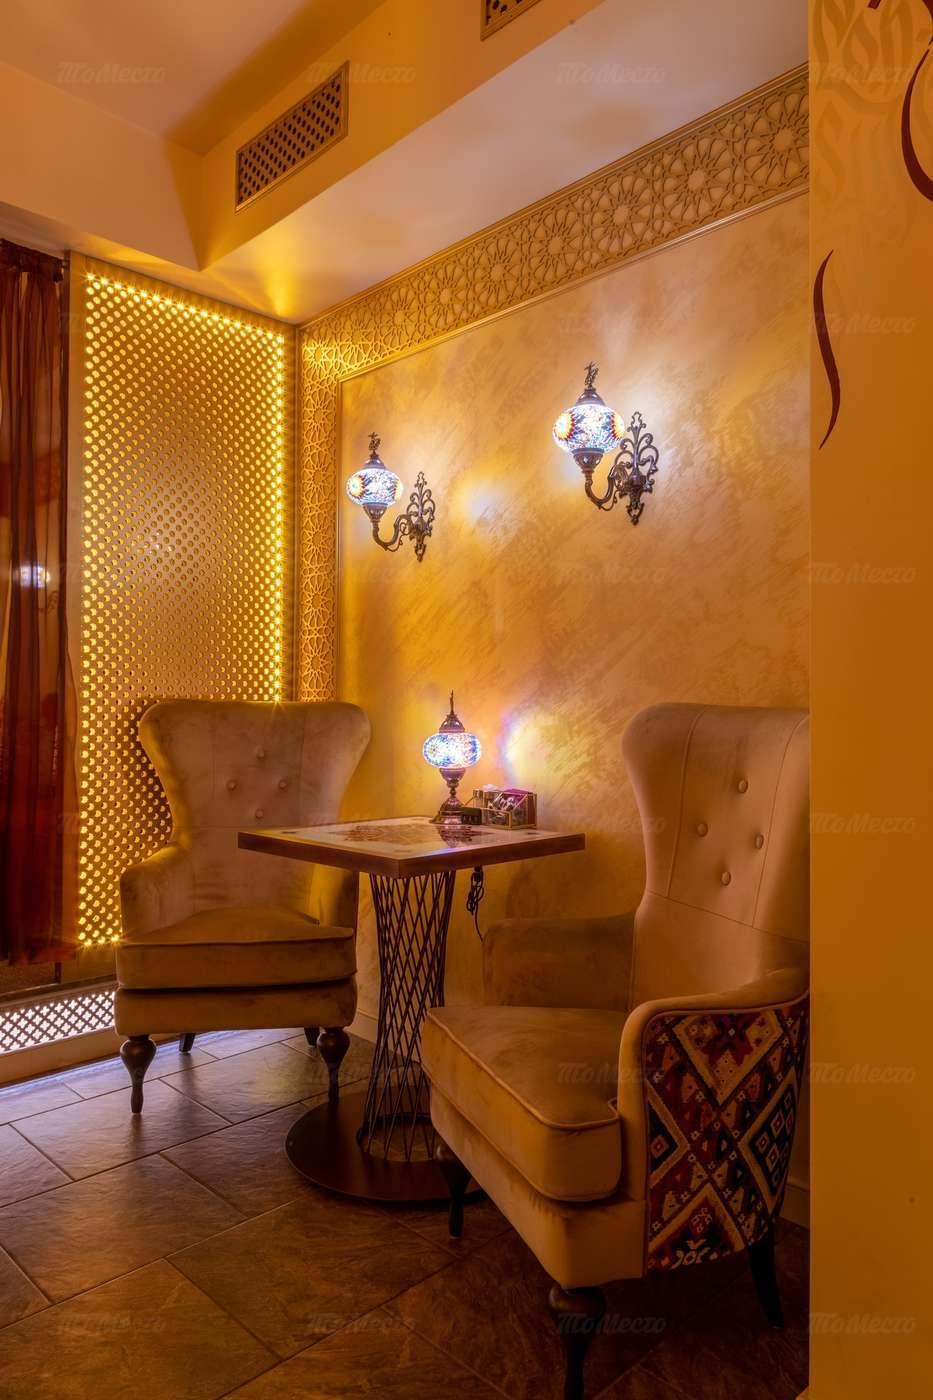 Ресторан Омар Хайям в Большом Черкасском переулке фото 21